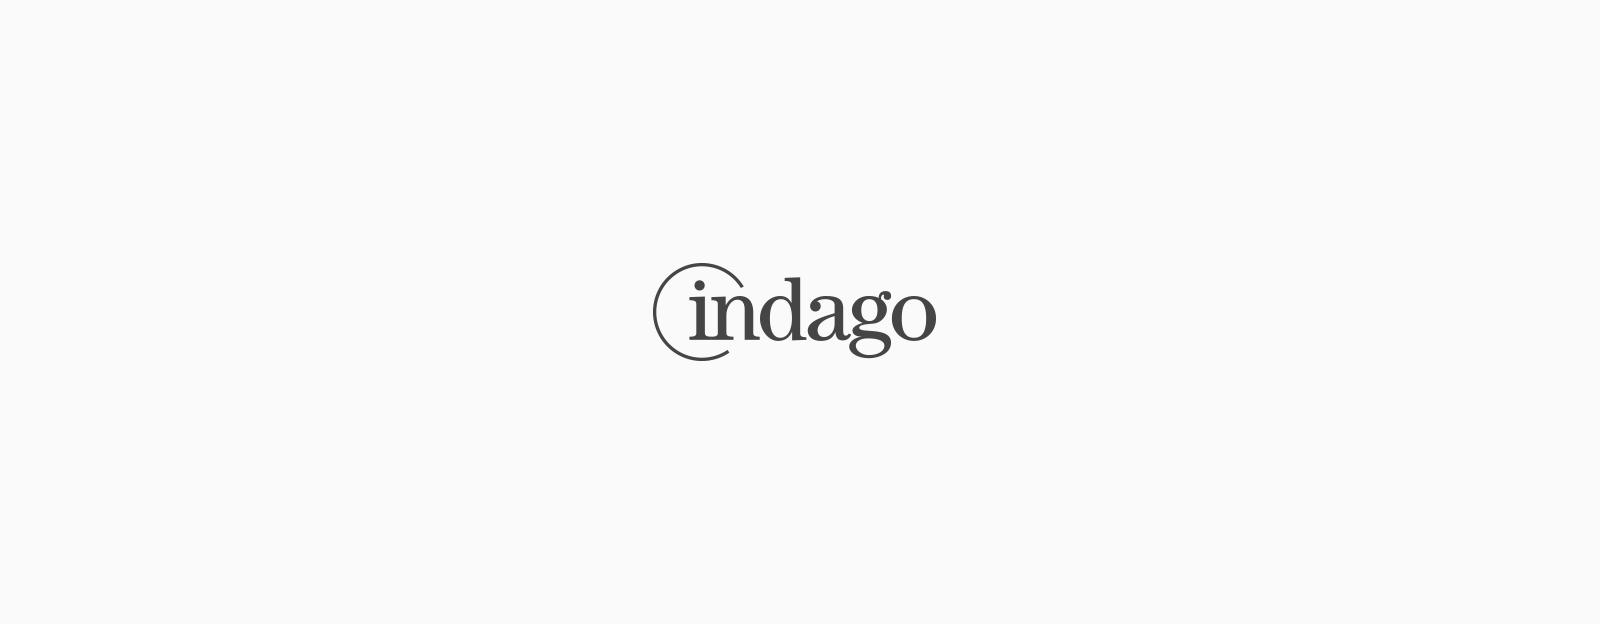 indago_julieeckertdesign